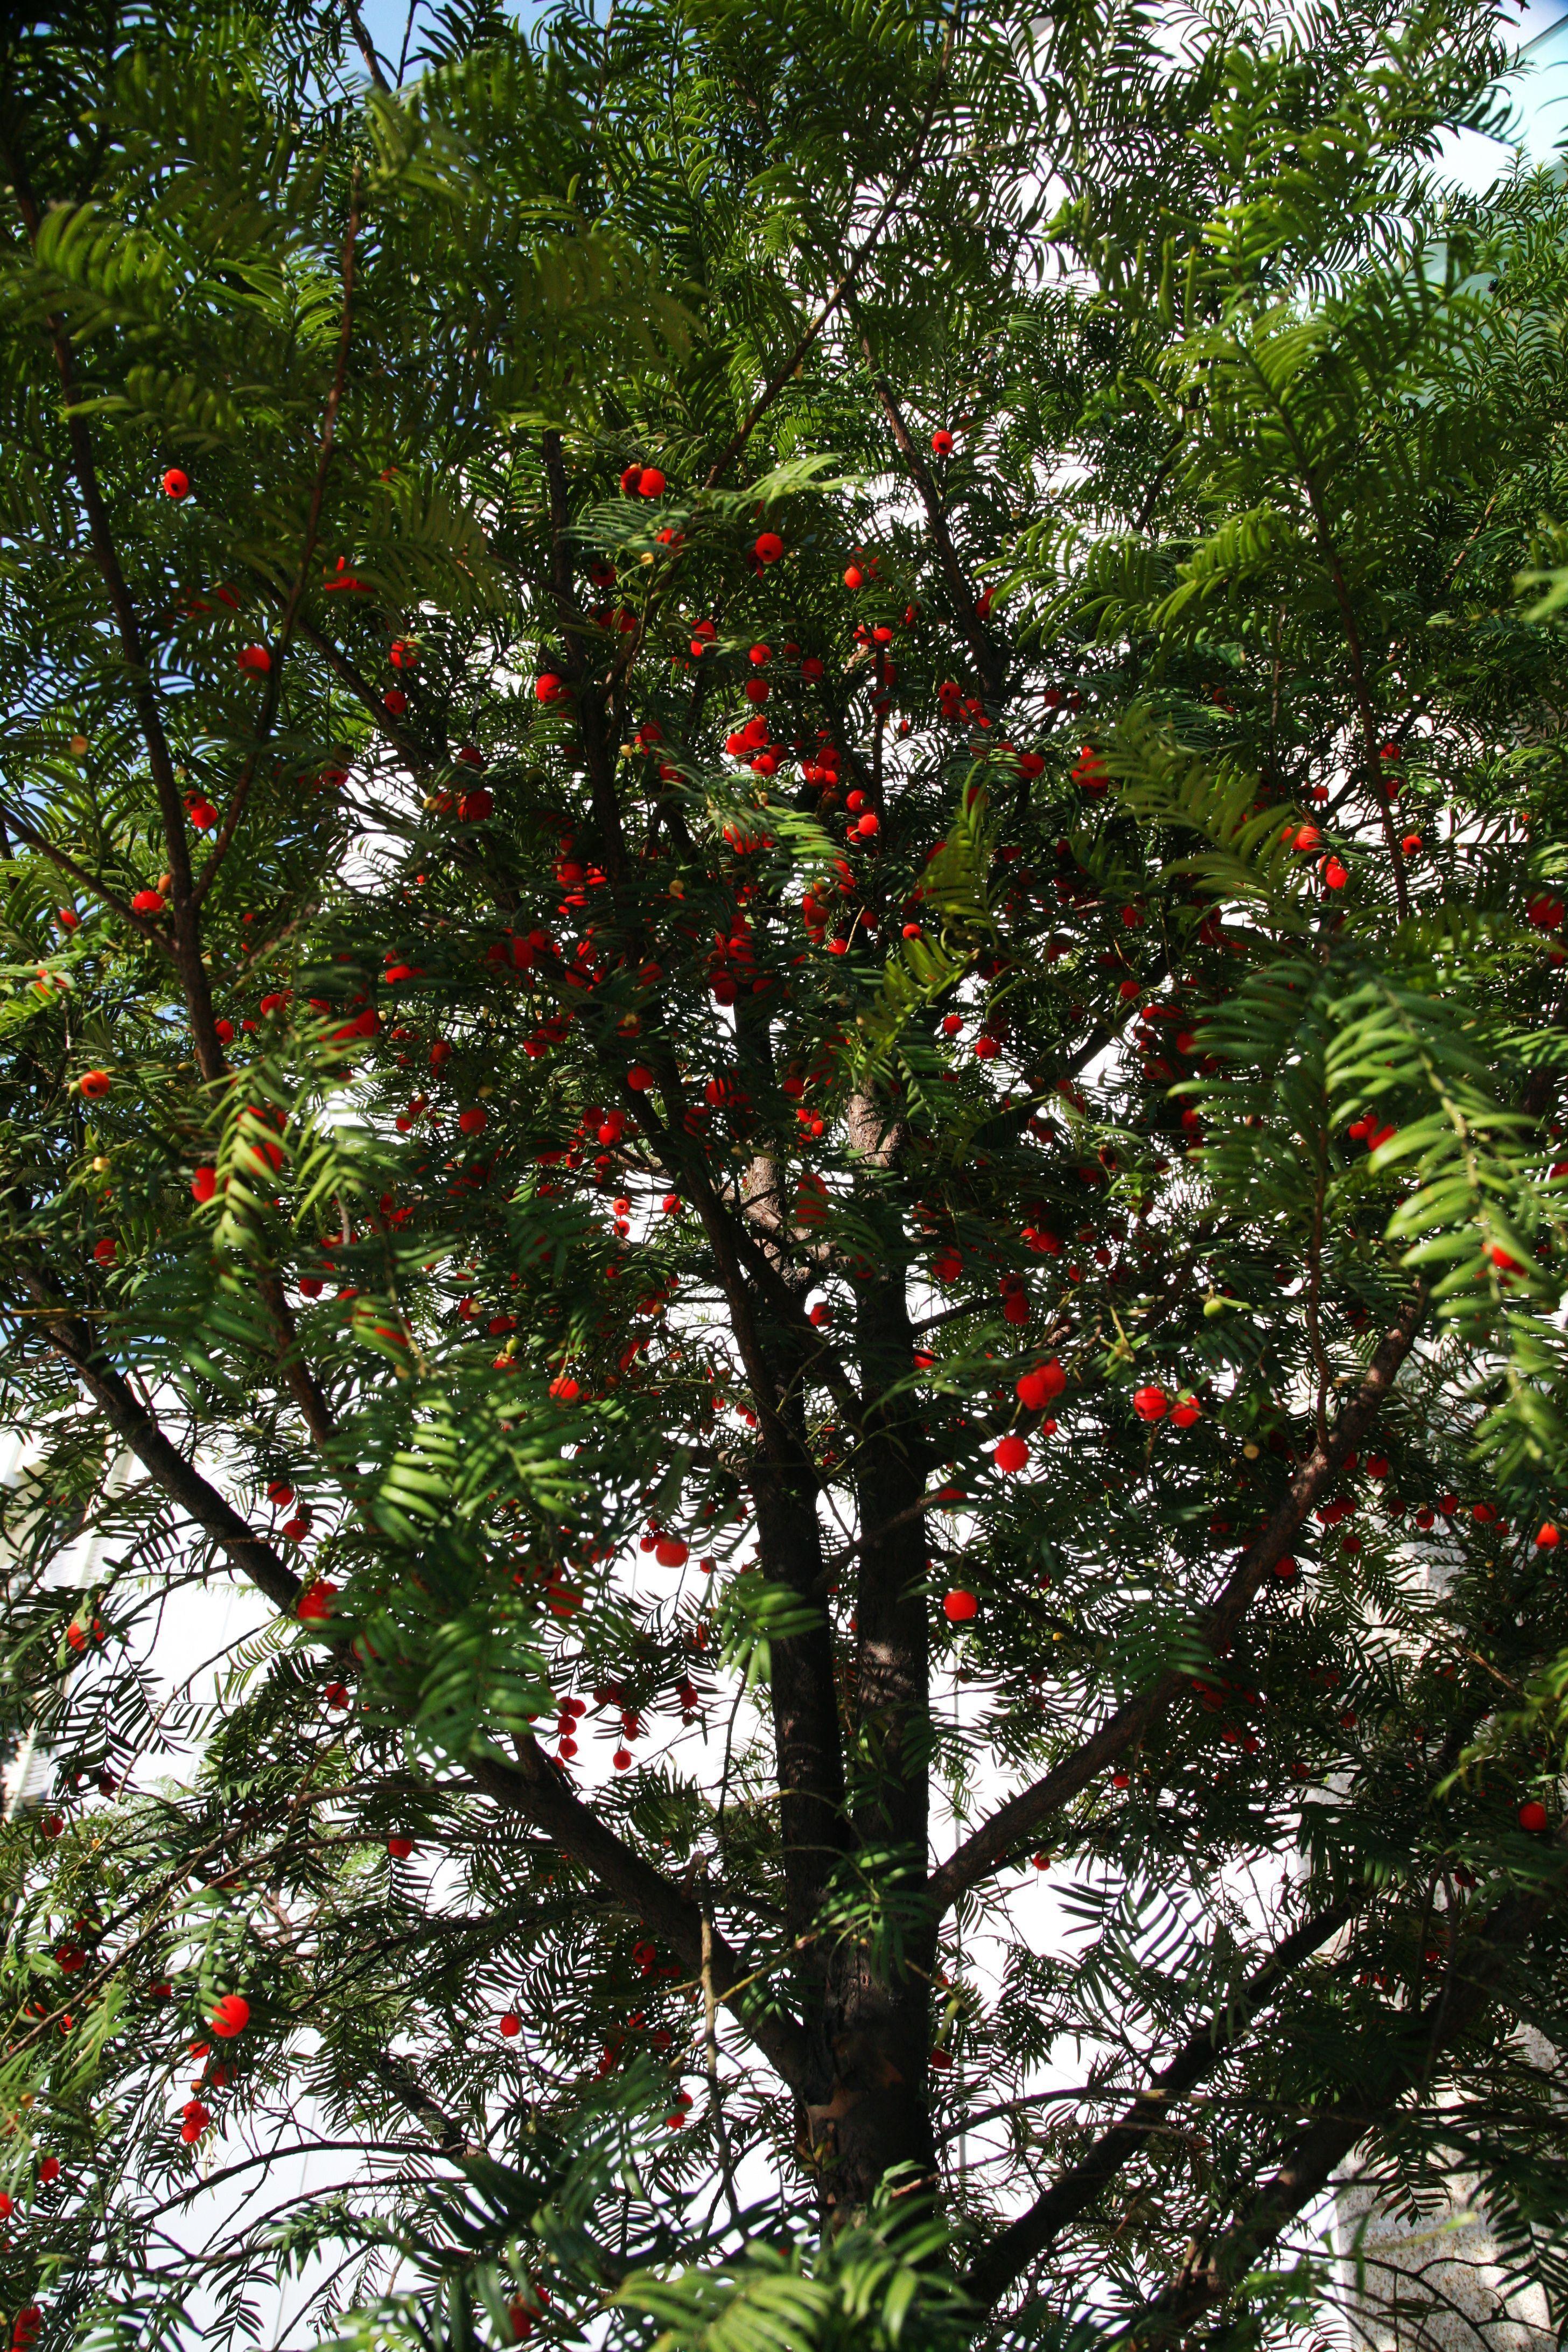 红豆杉苗木-江苏红豆杉生物科技有限公司; 红豆杉图片; 江苏省无锡市